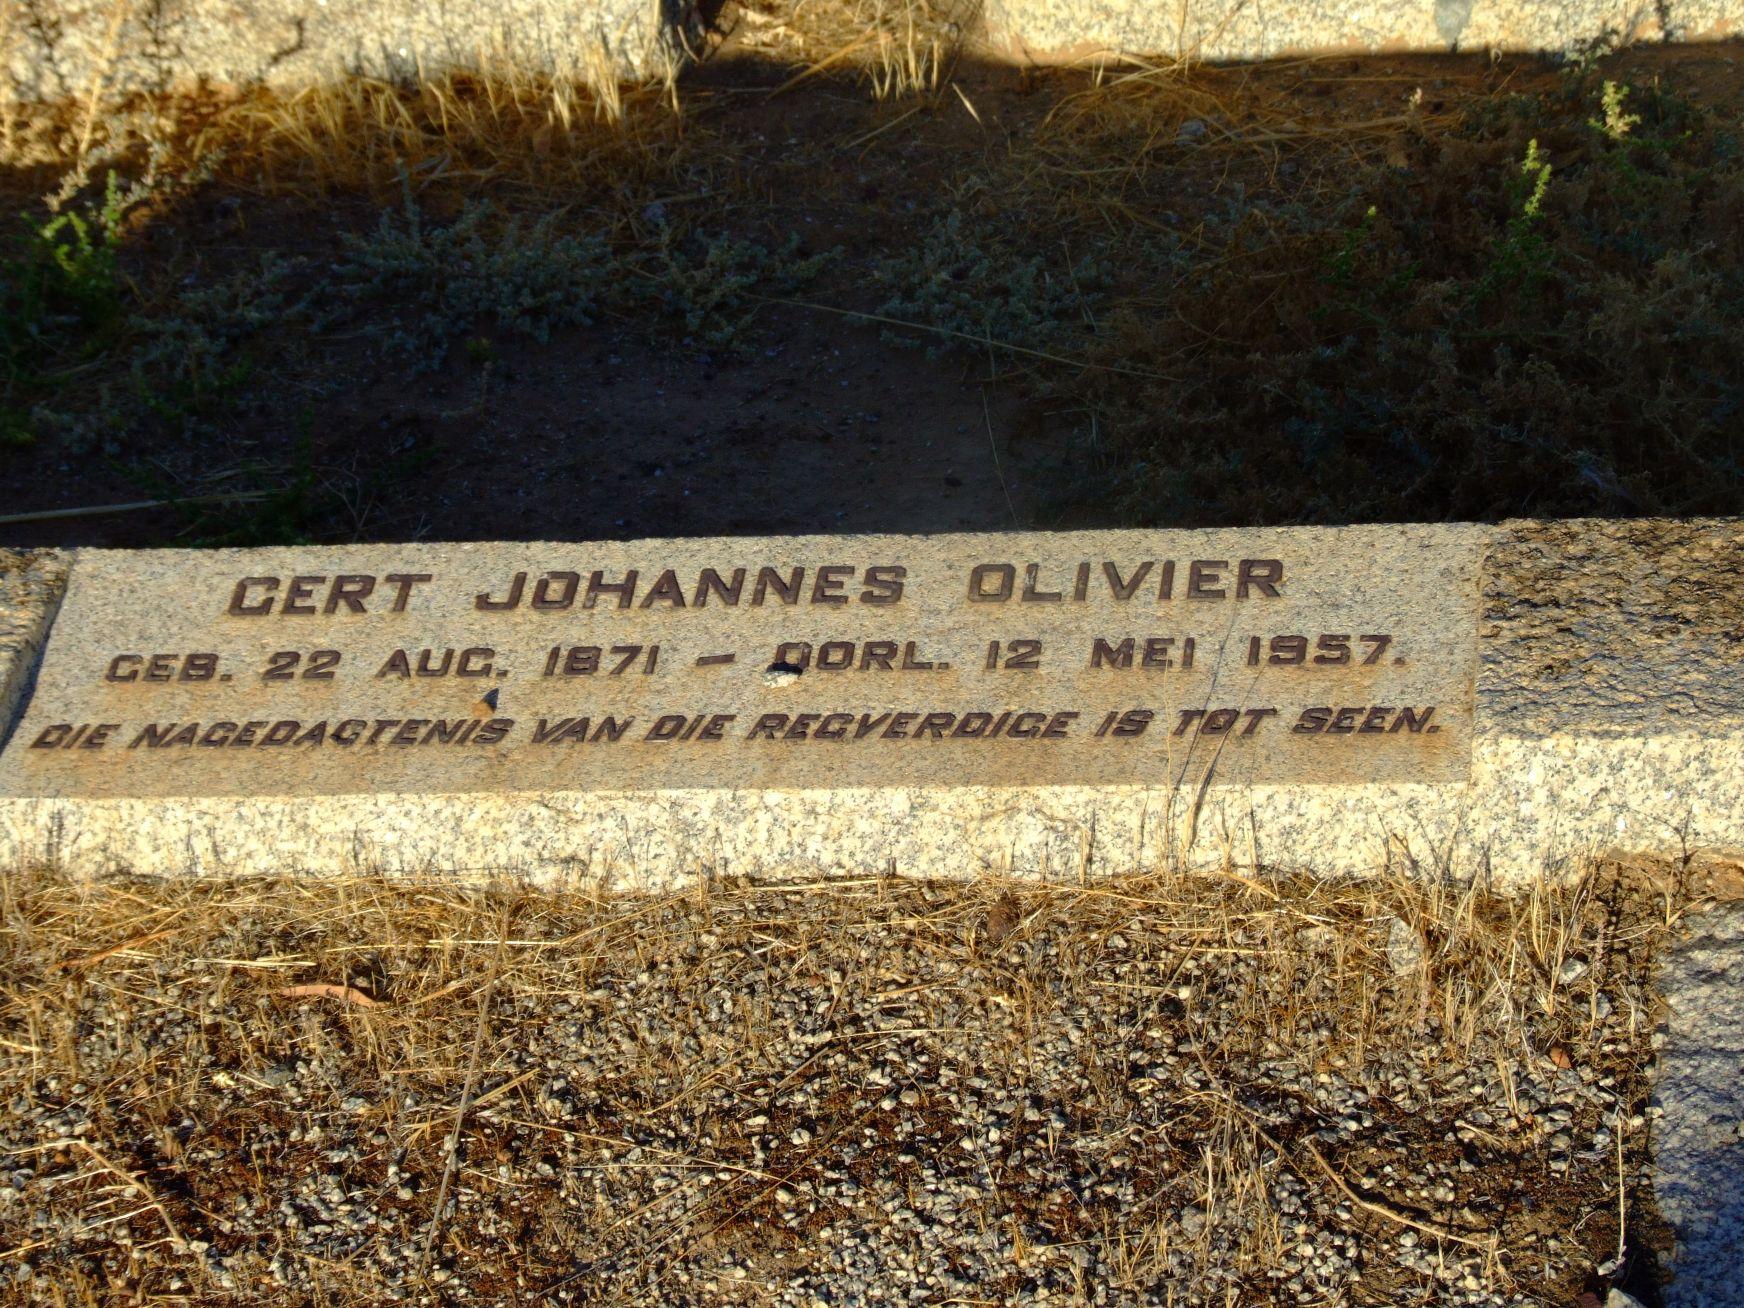 Olivier, Gert Johannes